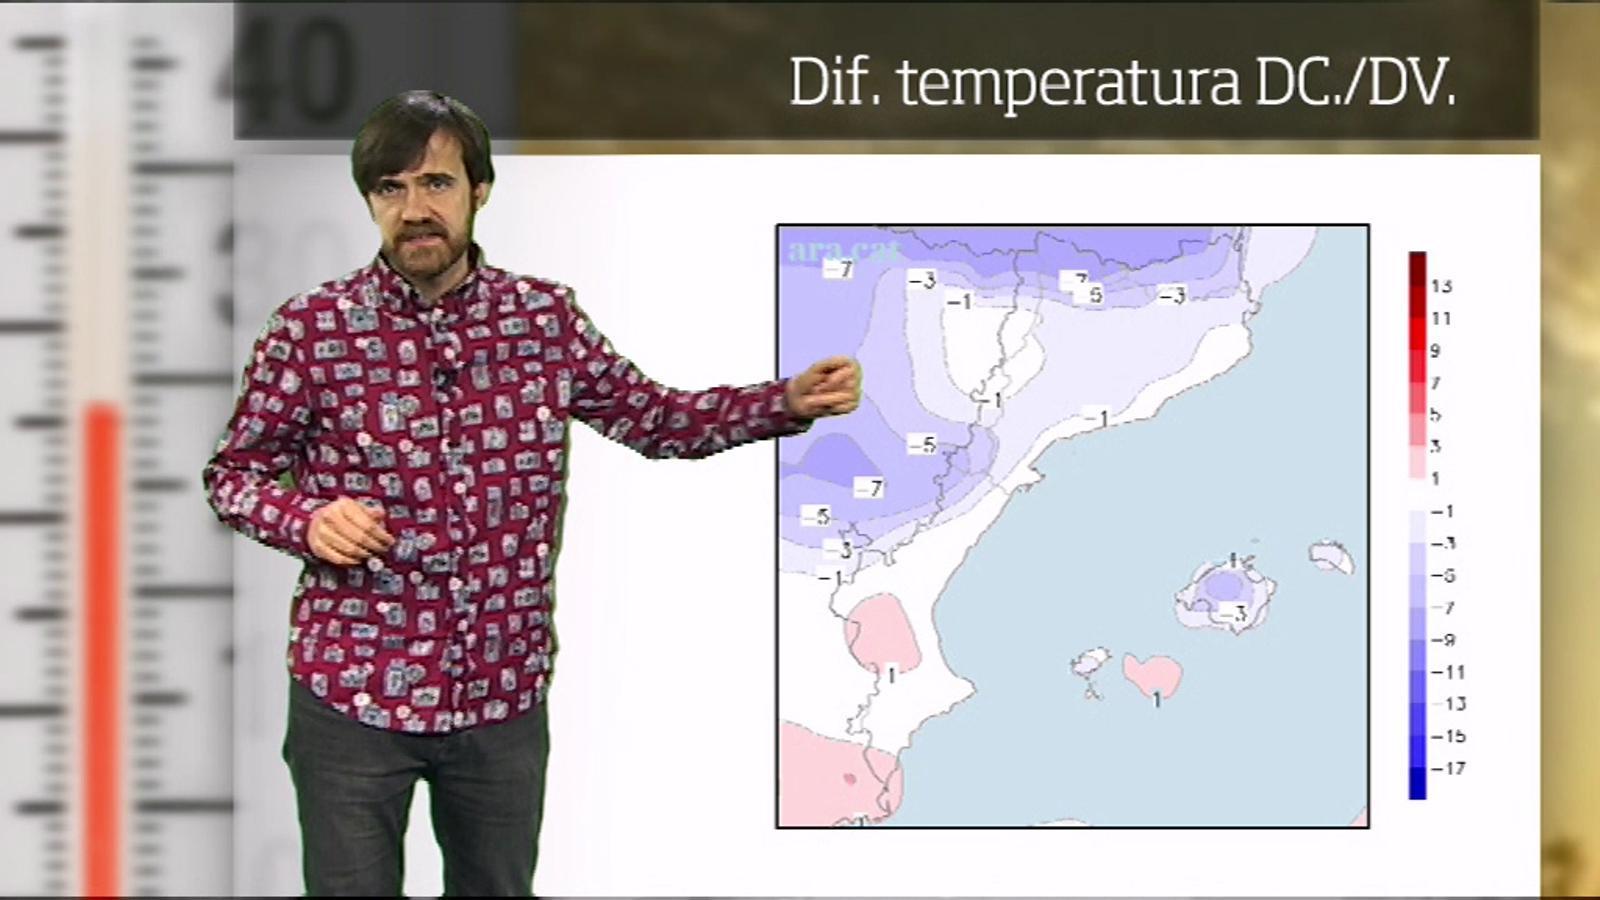 La méteo en 1 minut: dijous encara més primaveral a l'espera d'una baixada de temperatura